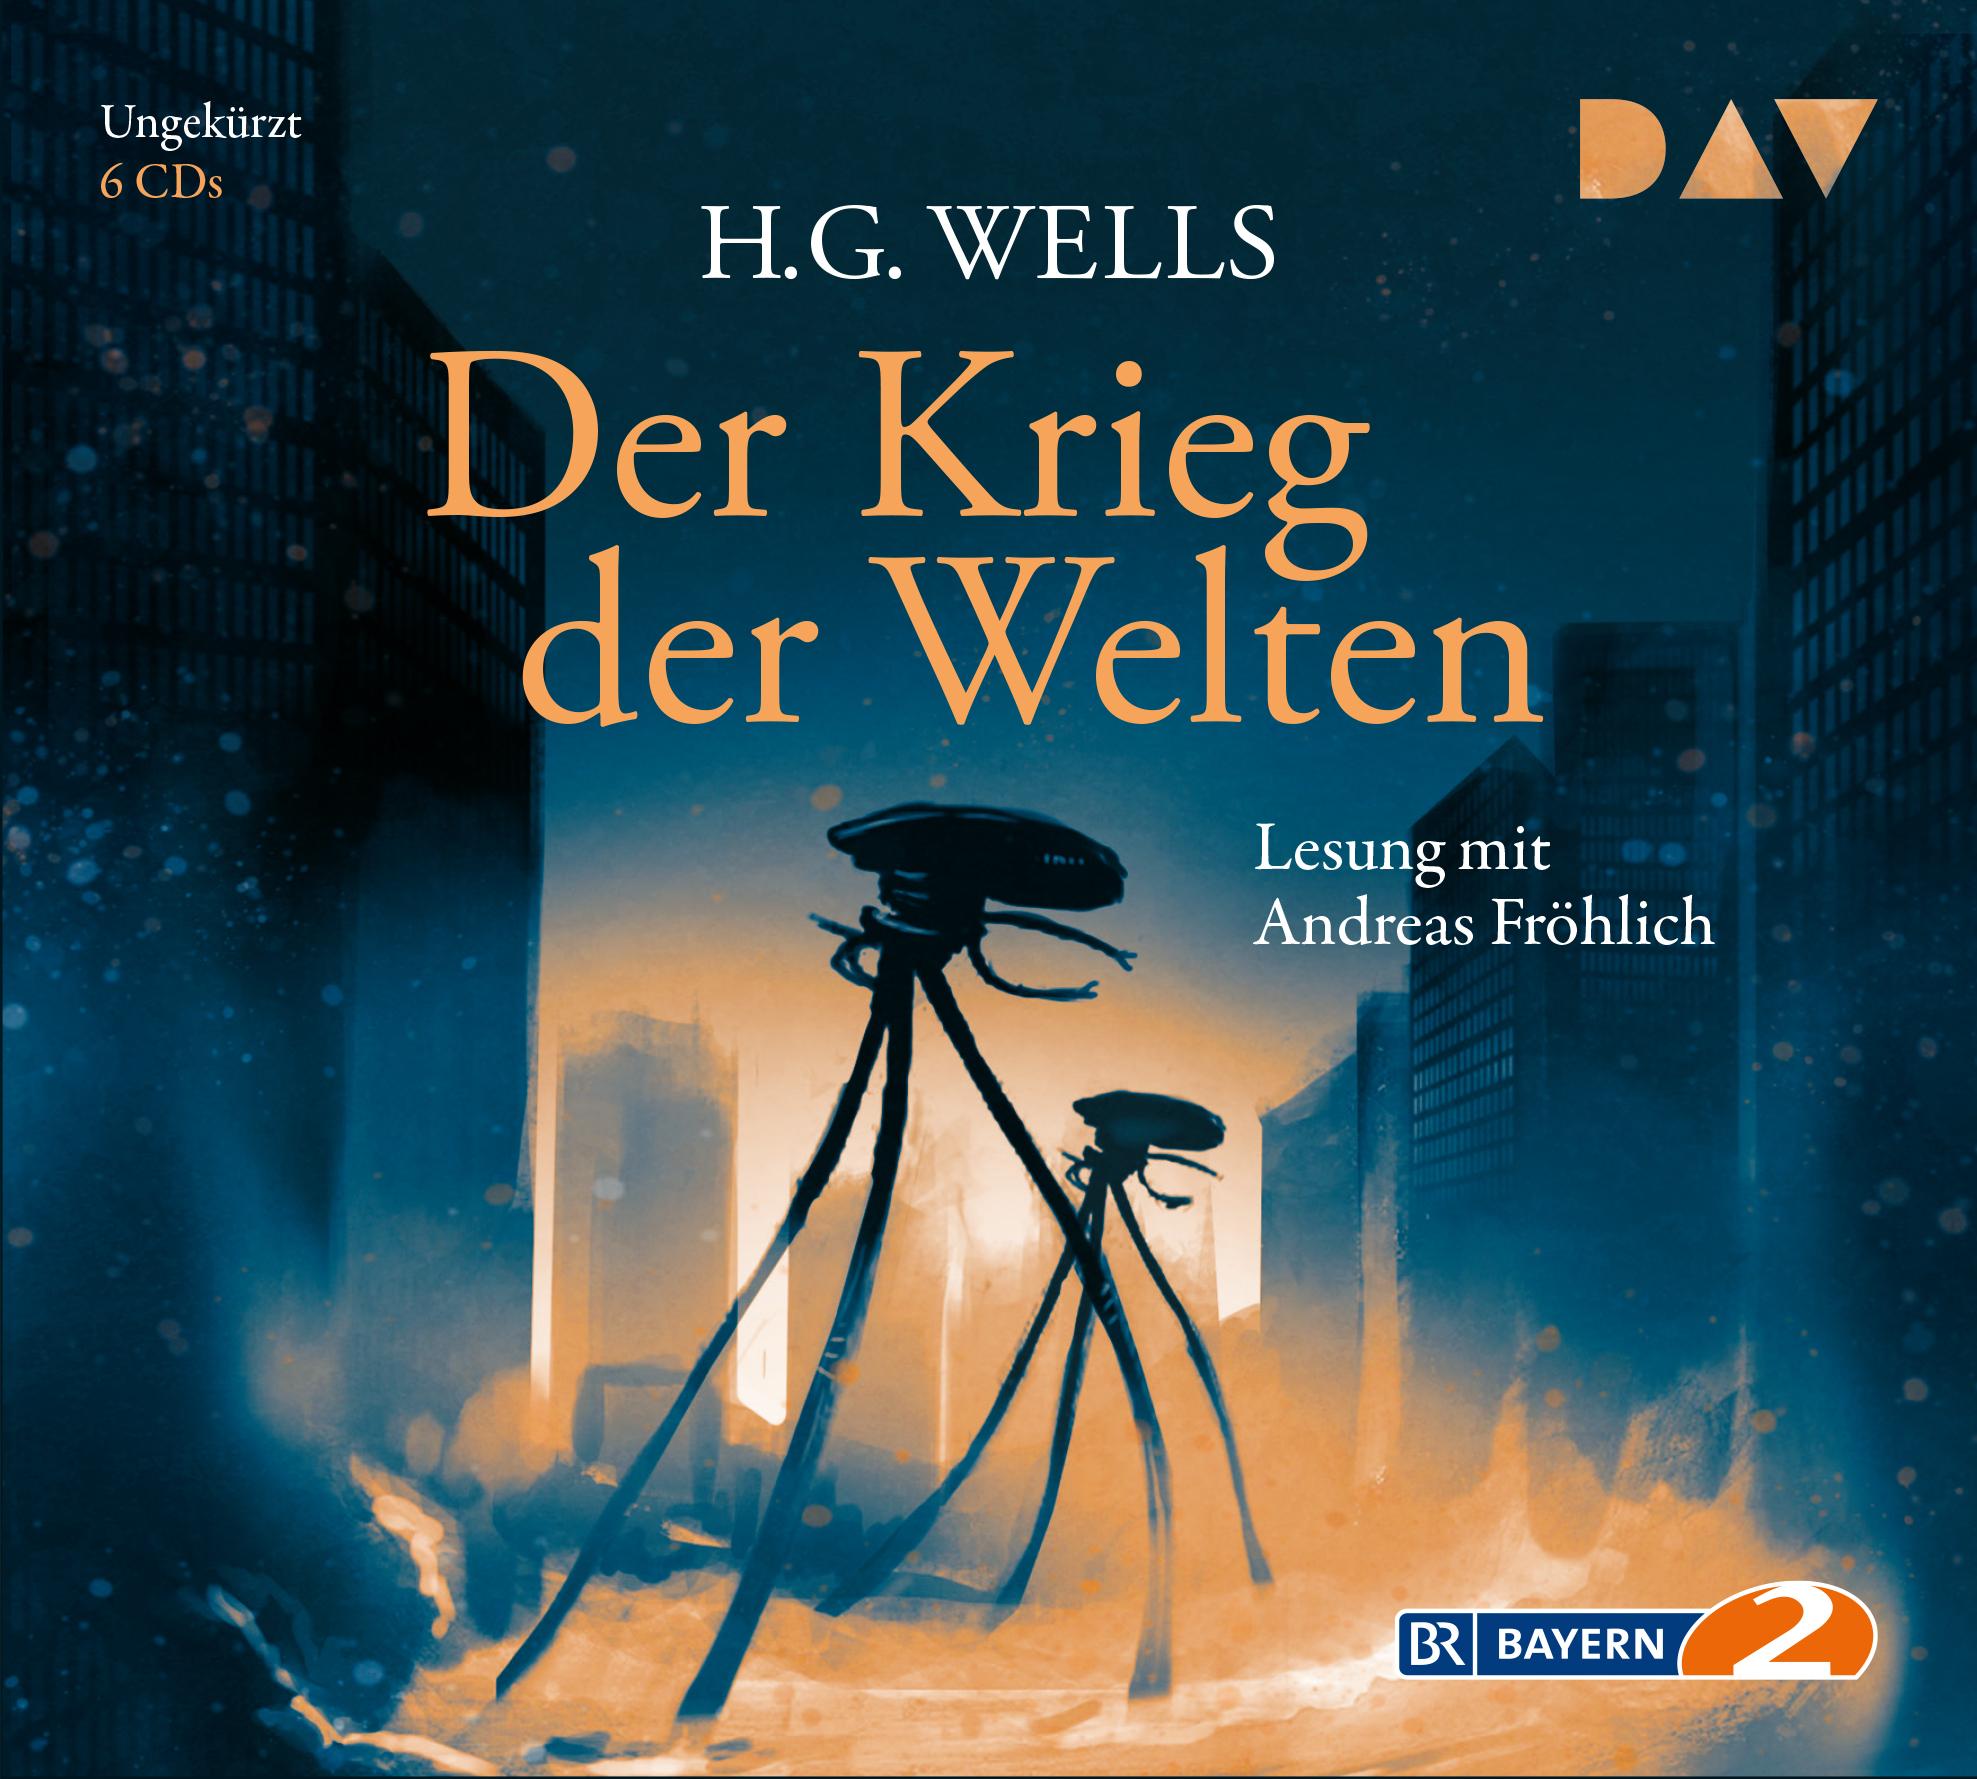 """Gratis / Kostenlos: DAV-Hörbuch """"H.G. Wells•Der Krieg Der Welten"""" als mp3s beim BR bzw. in der ARD-Audiothek (gelesen v. Andreas Fröhlich)"""